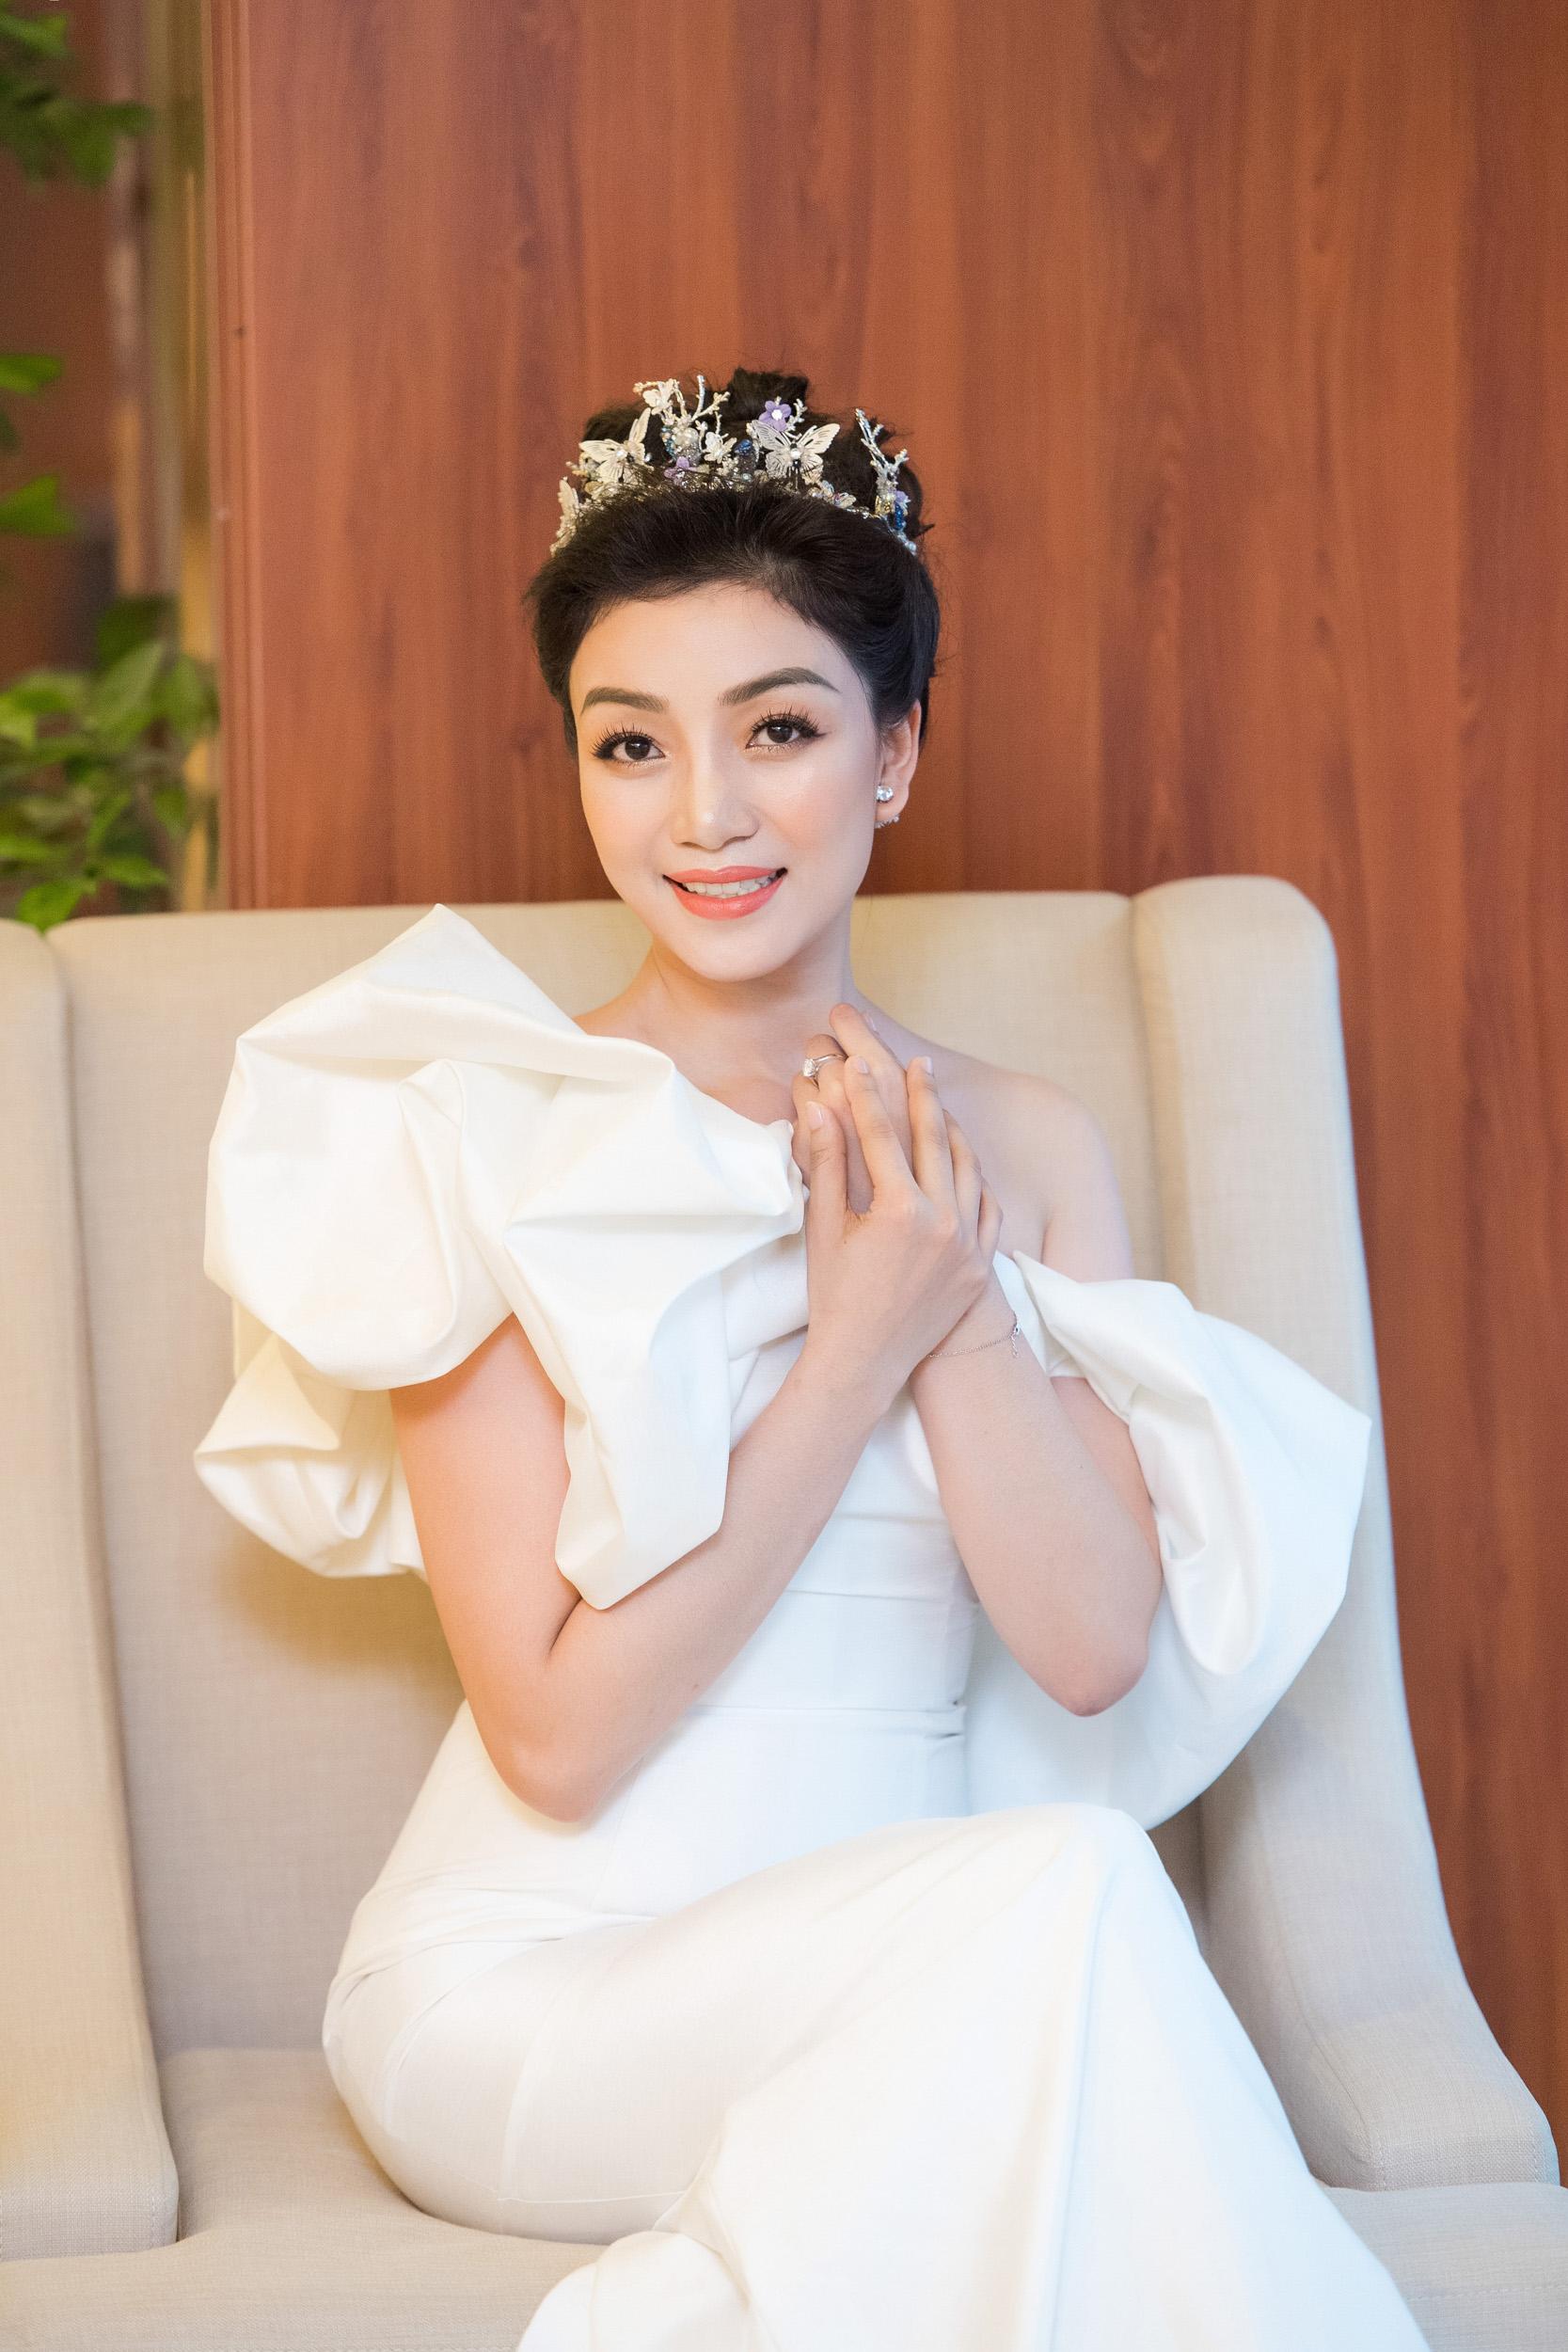 Hình ảnh Hoa mi bán cổ điển Phạm Thu Hà quyến rũ với đầm trắng số 7